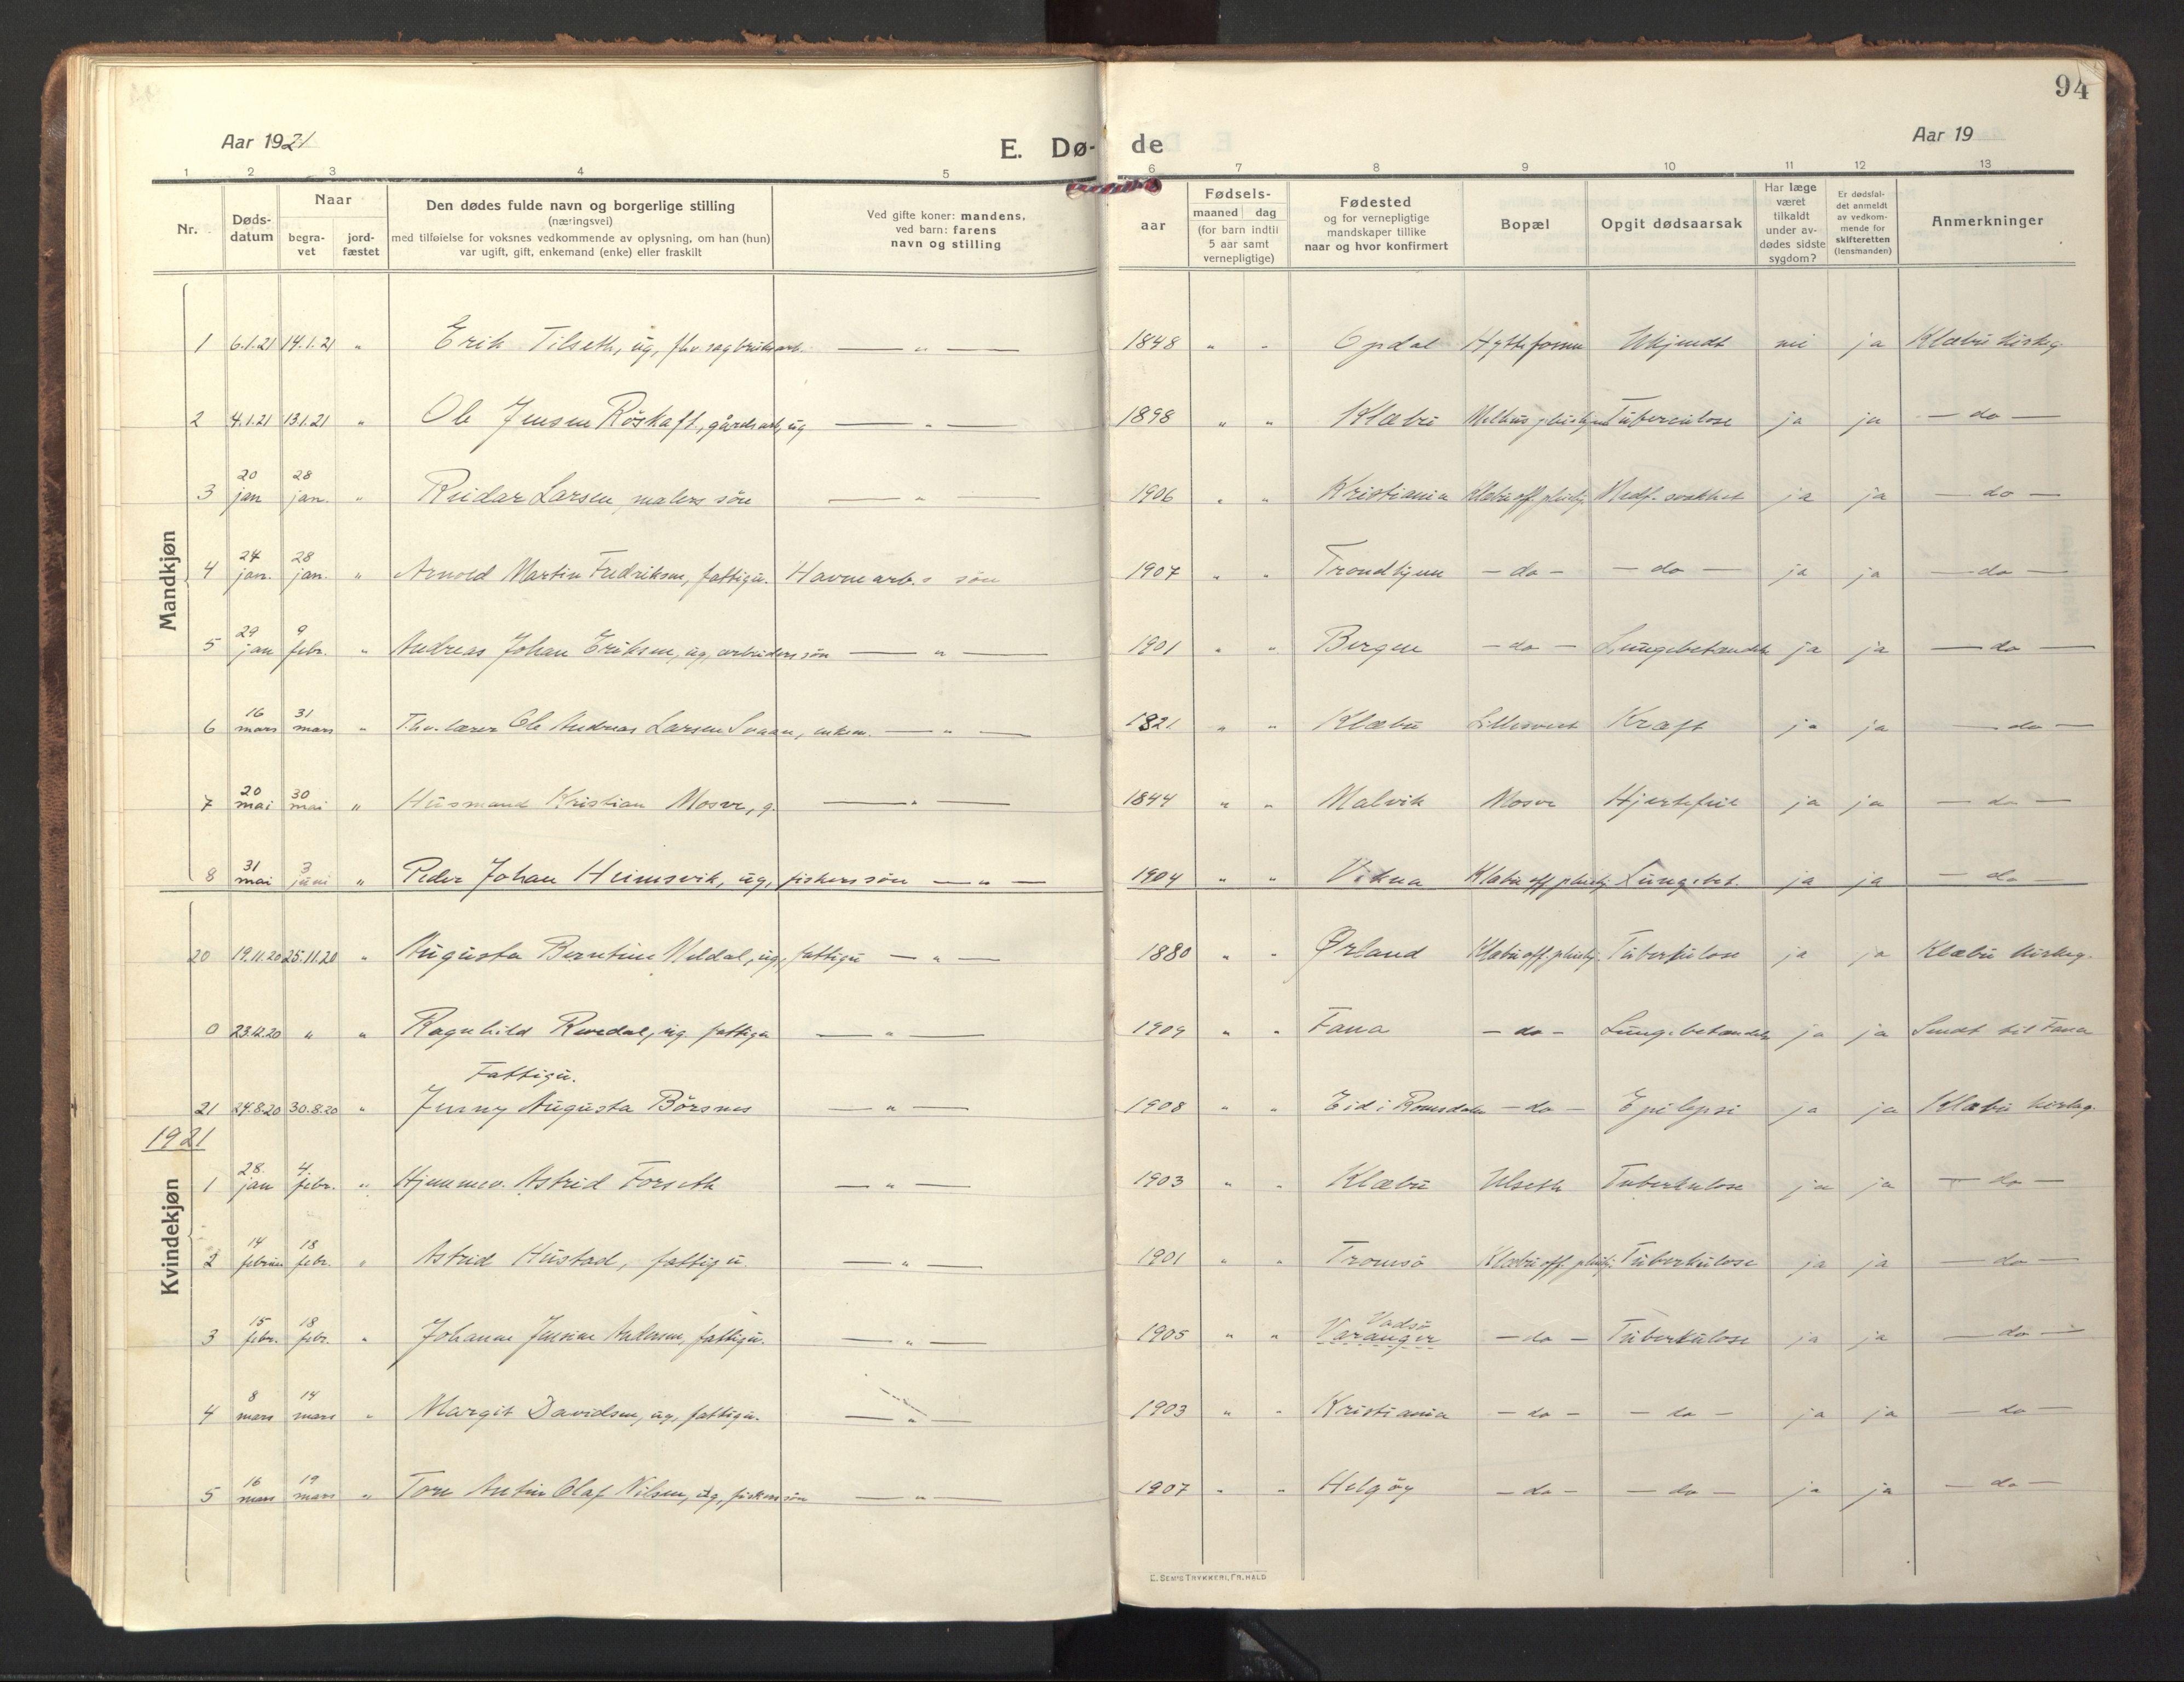 SAT, Ministerialprotokoller, klokkerbøker og fødselsregistre - Sør-Trøndelag, 618/L0449: Ministerialbok nr. 618A12, 1917-1924, s. 94